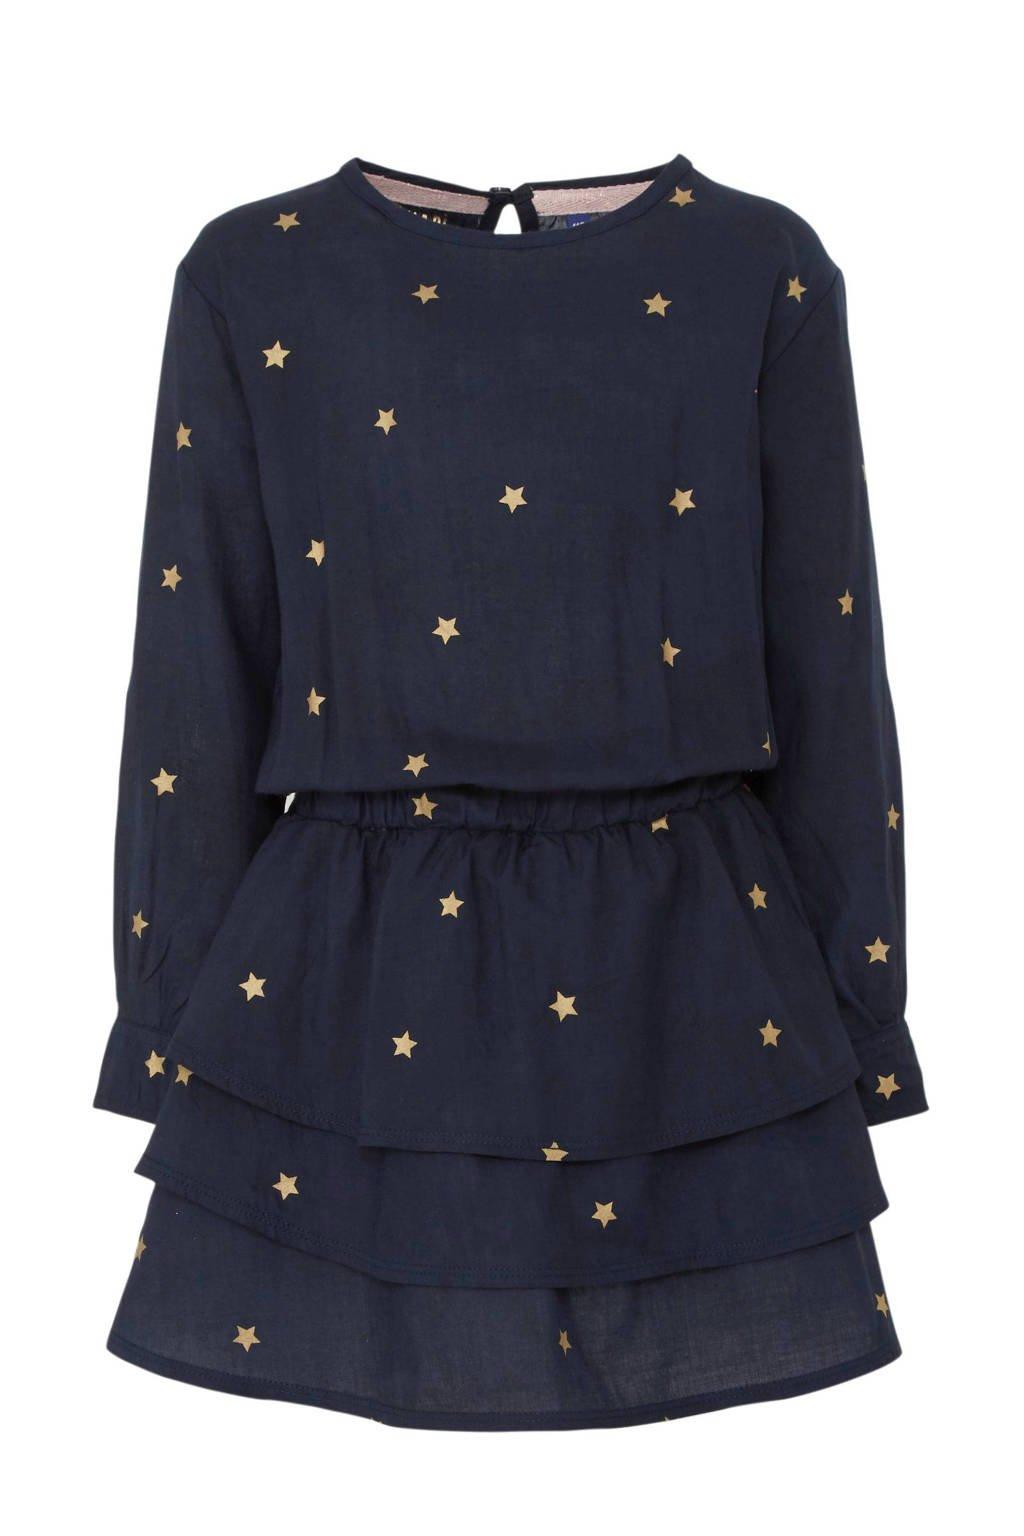 Quapi jurk Taiza met sterren donkerblauw, Donkerblauw